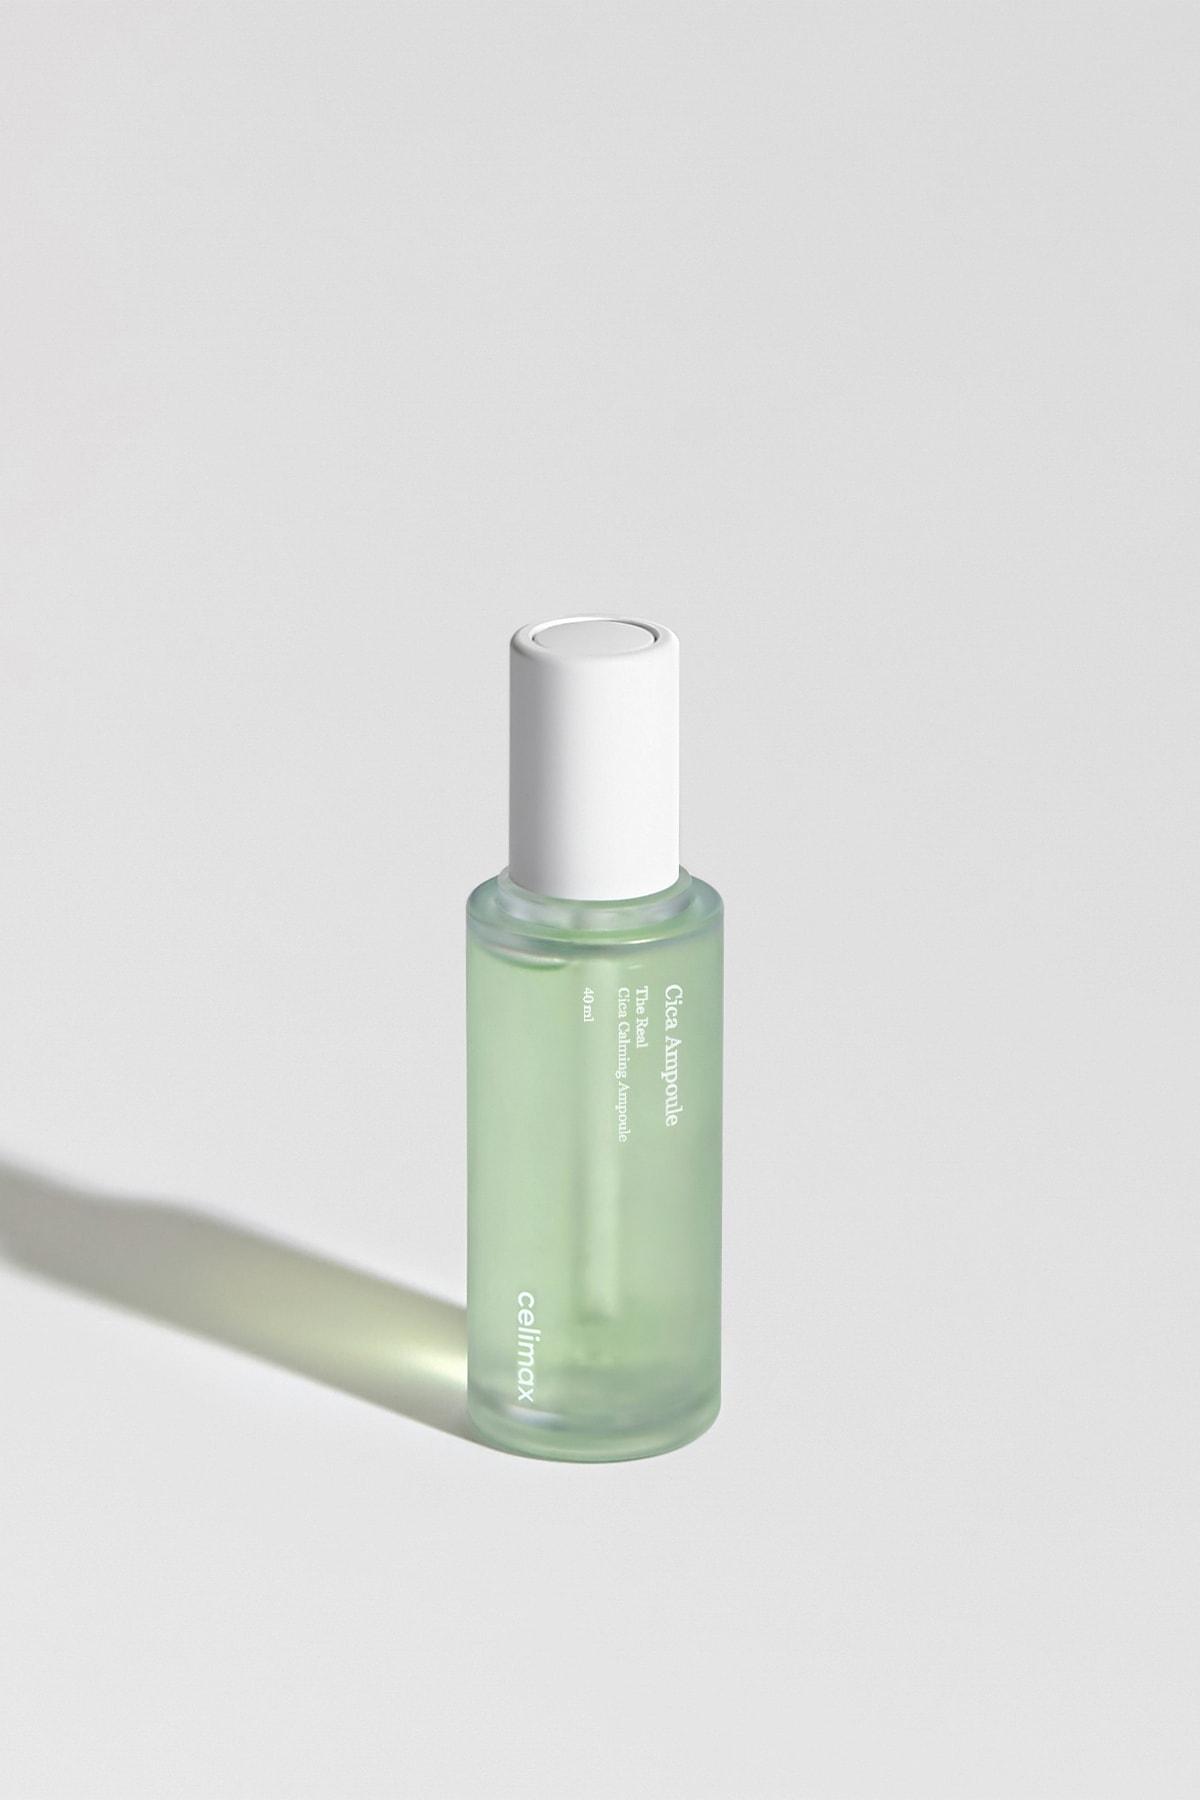 Celimax Cica Yatıştırıcı Cilt Serumu 40 ml